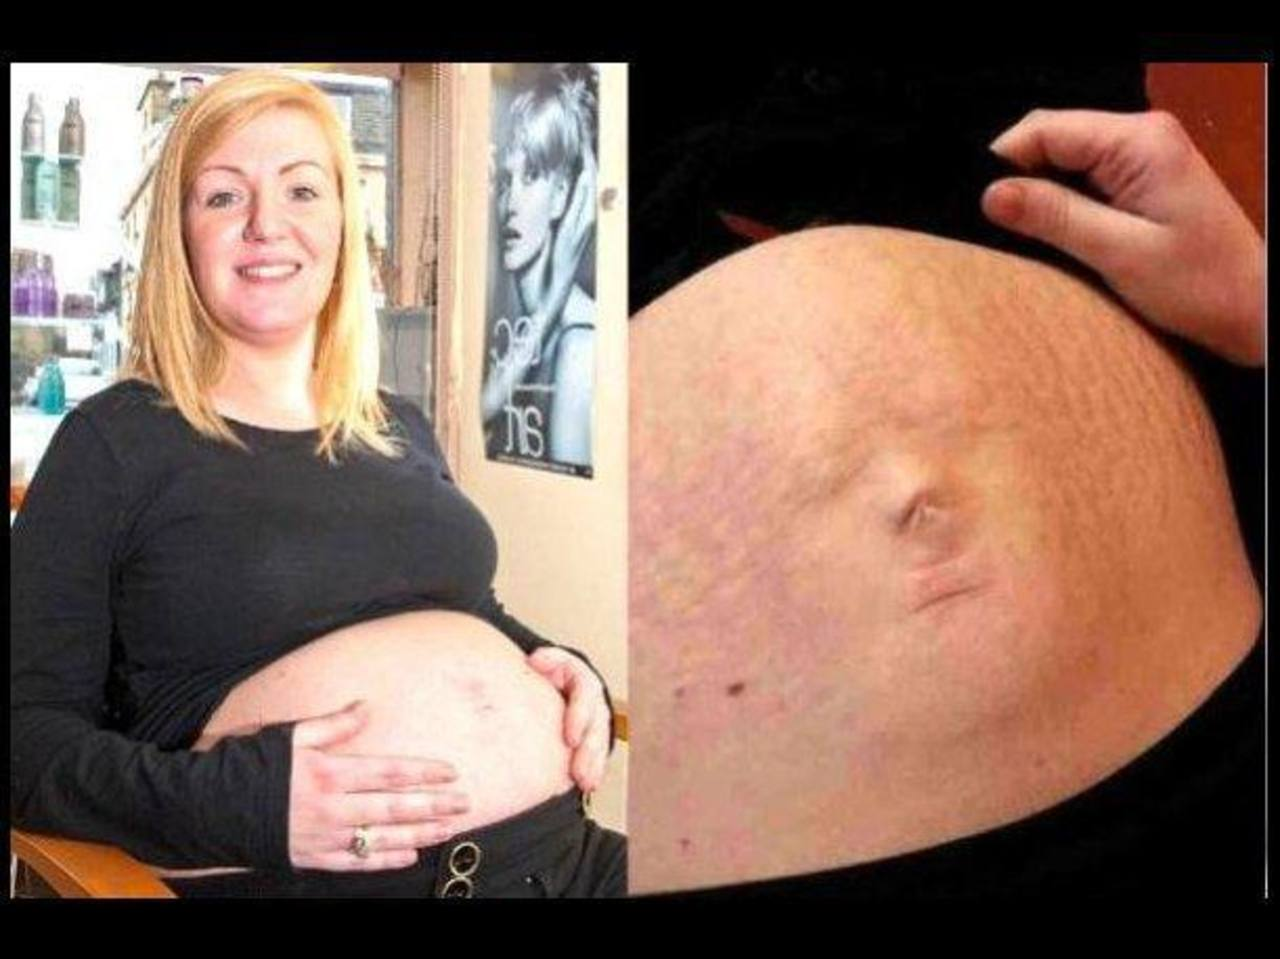 Rostro de bebé parece reflejarse en panza